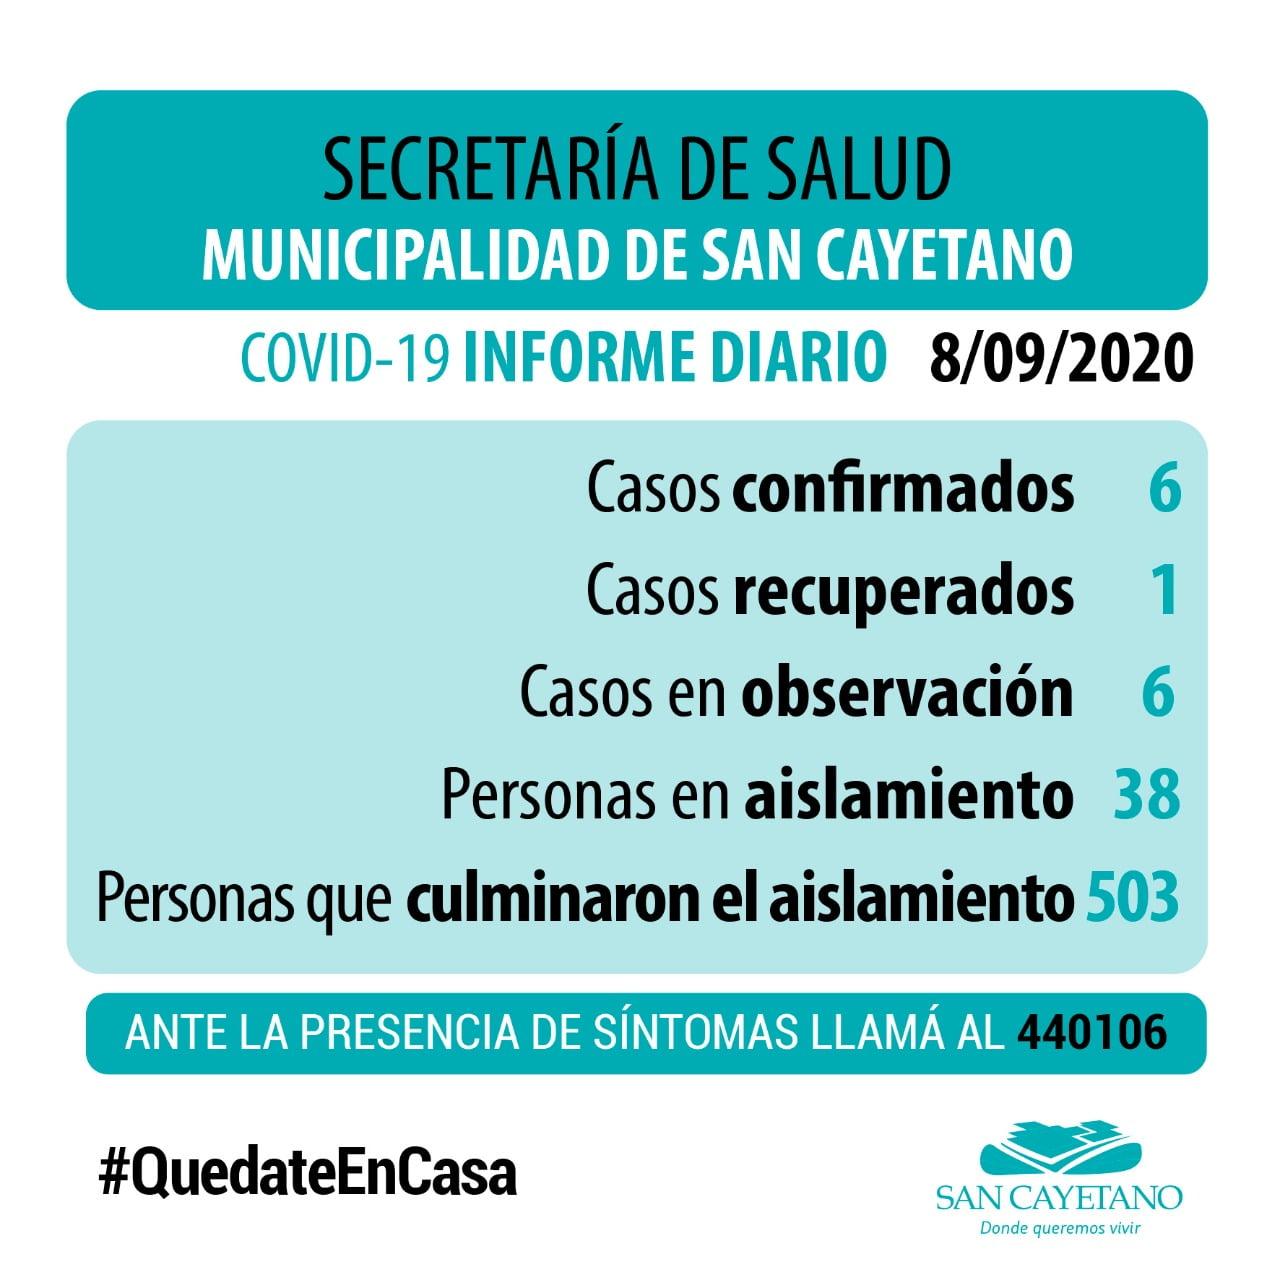 Coronavirus: dos nuevos casos descartados en San Cayetano